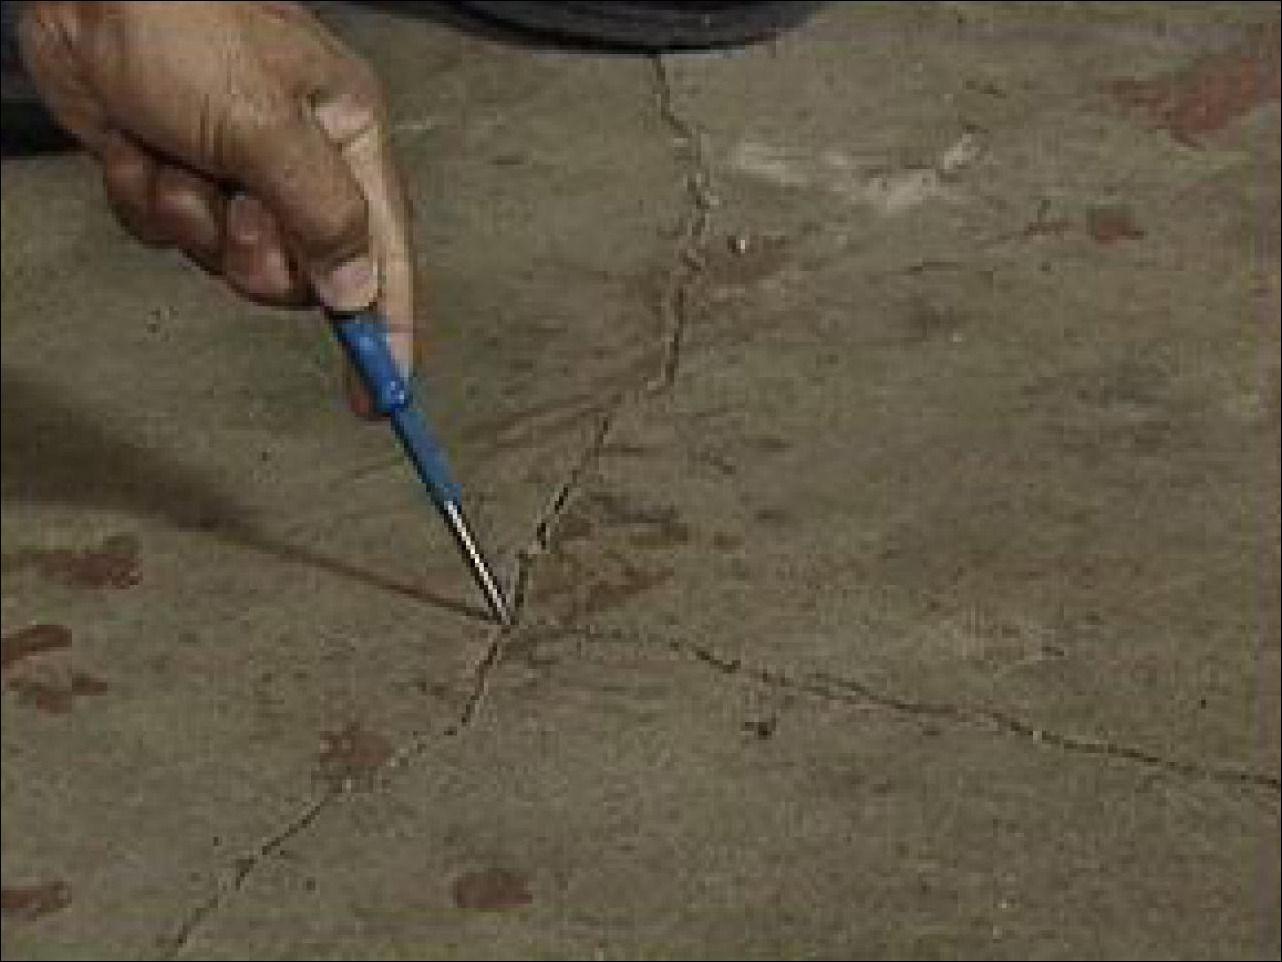 How To Fix Cracks In Basement Floor Basement flooring